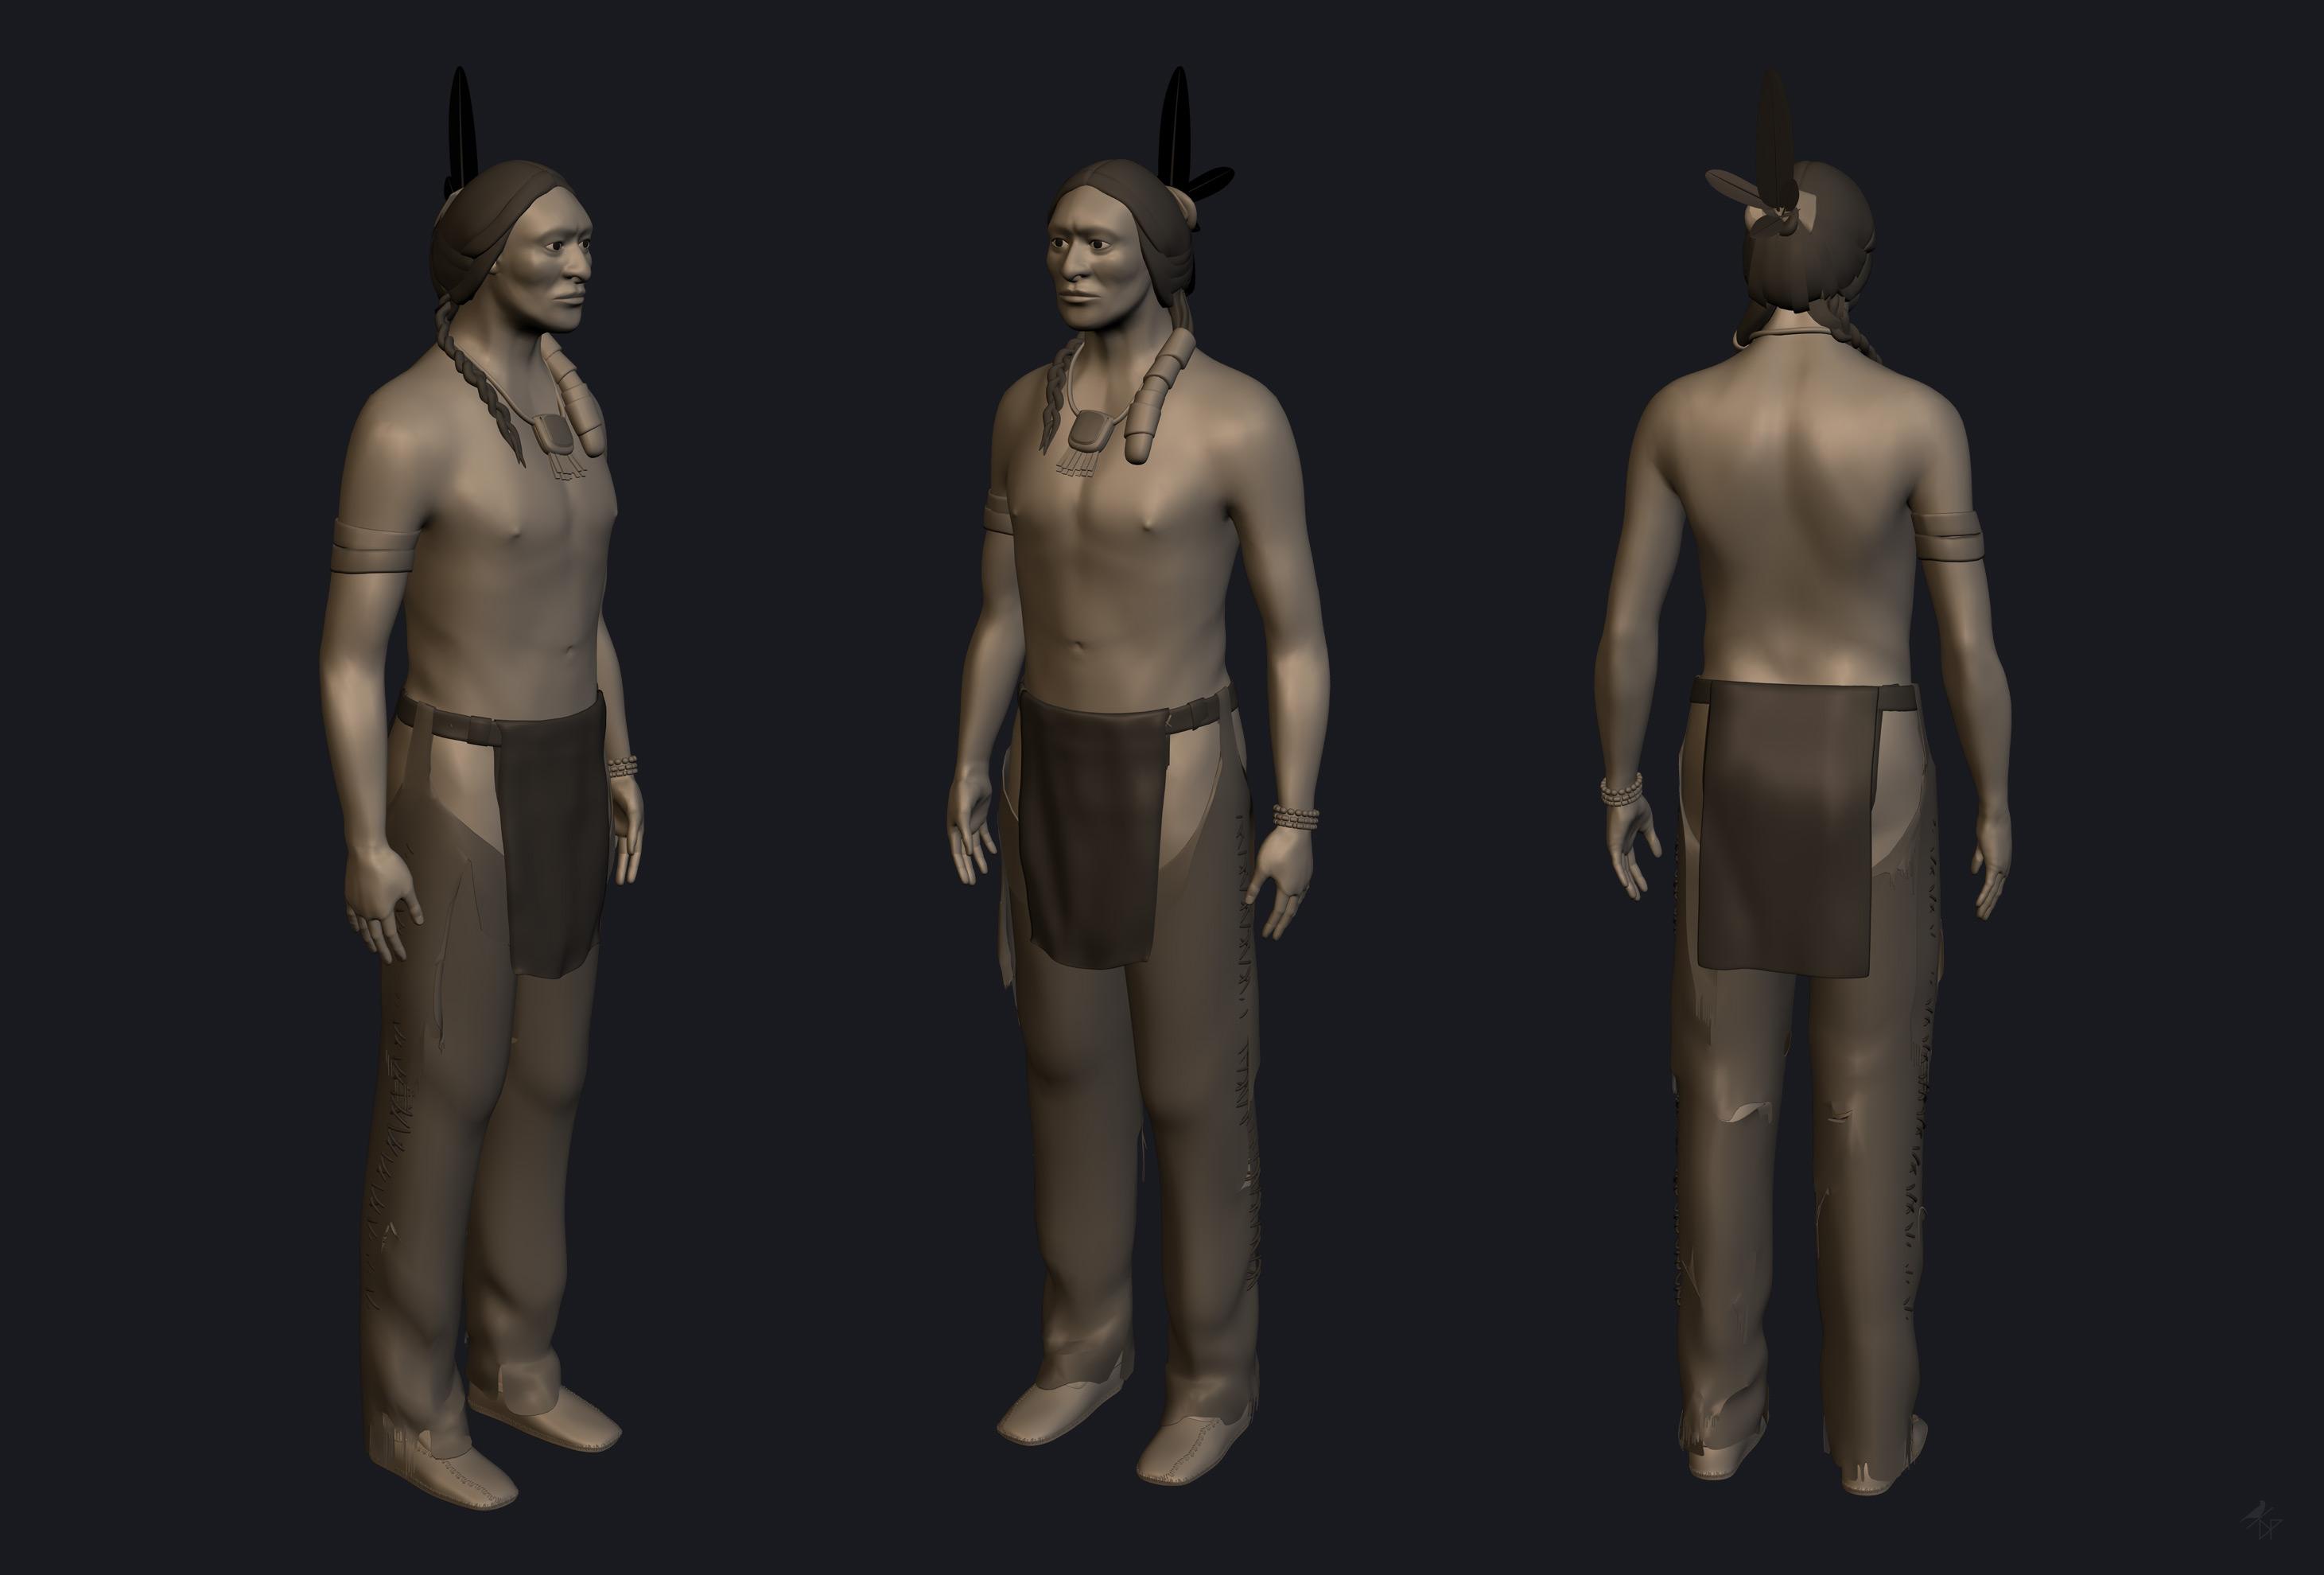 3D modelisation damien pons blender amerindian indian strasbourg character